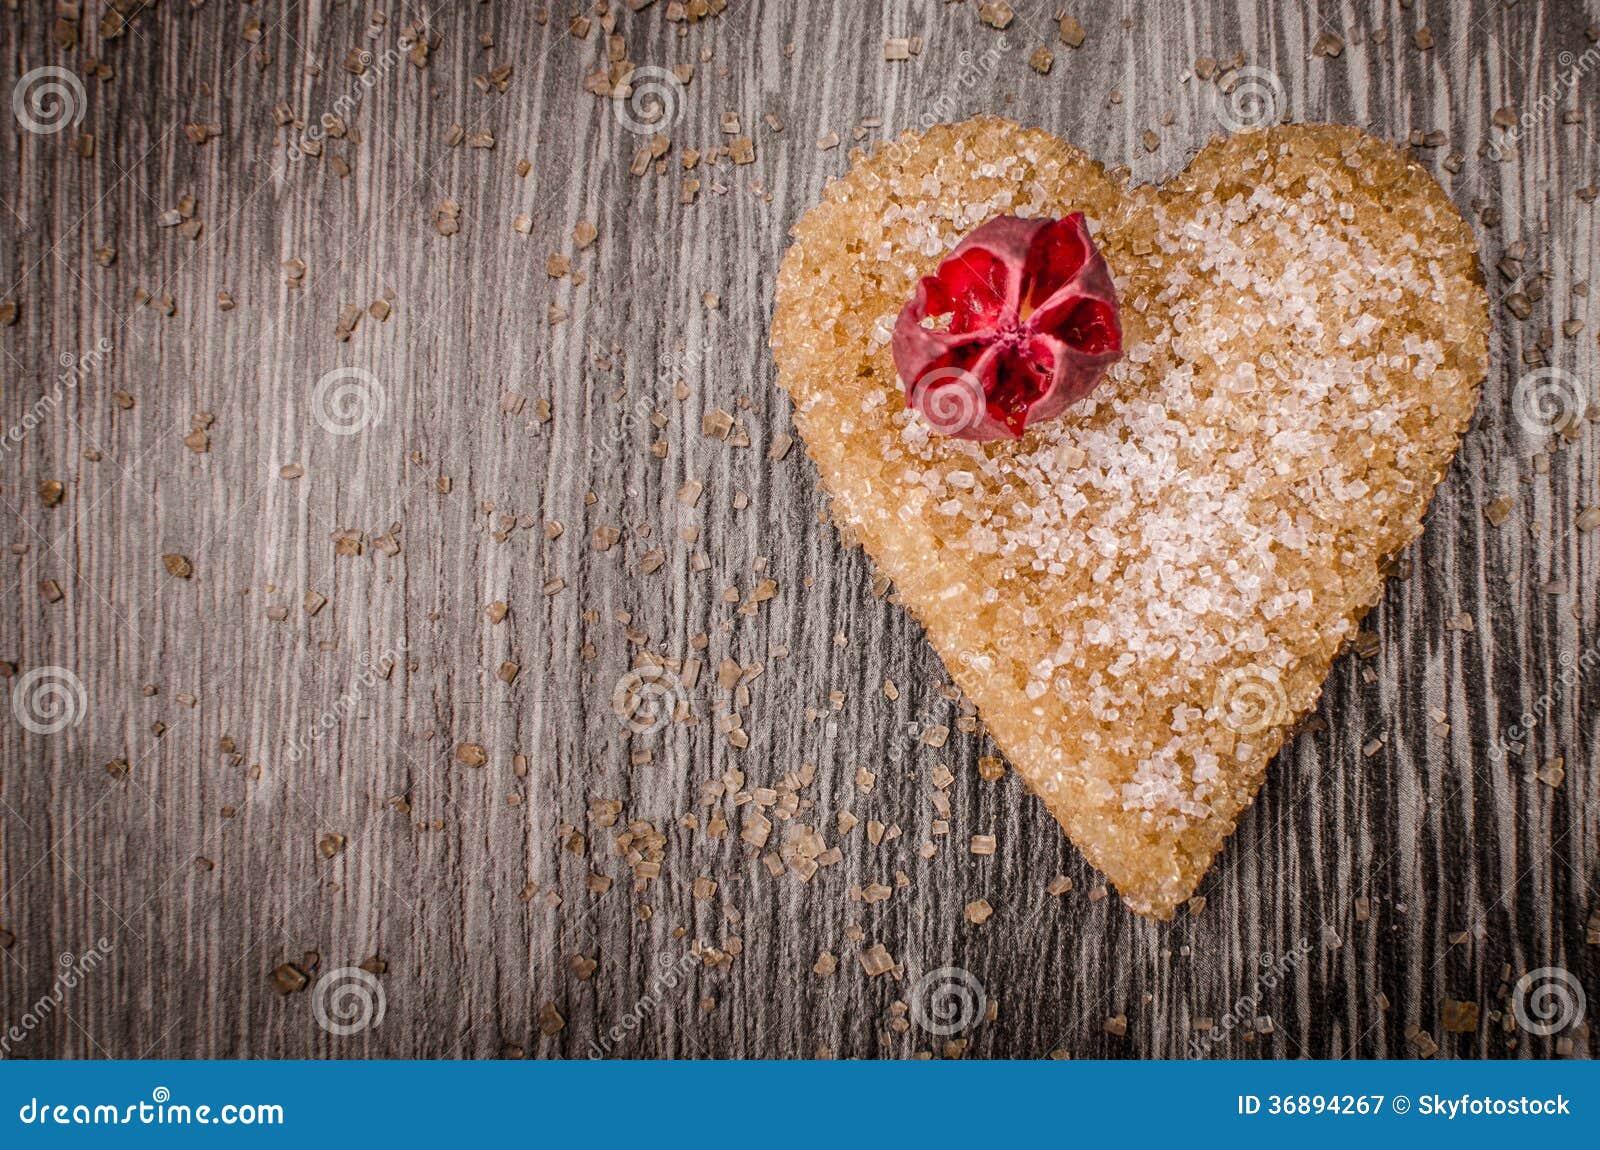 Download Amore dolce immagine stock. Immagine di decorazione, spuntino - 36894267